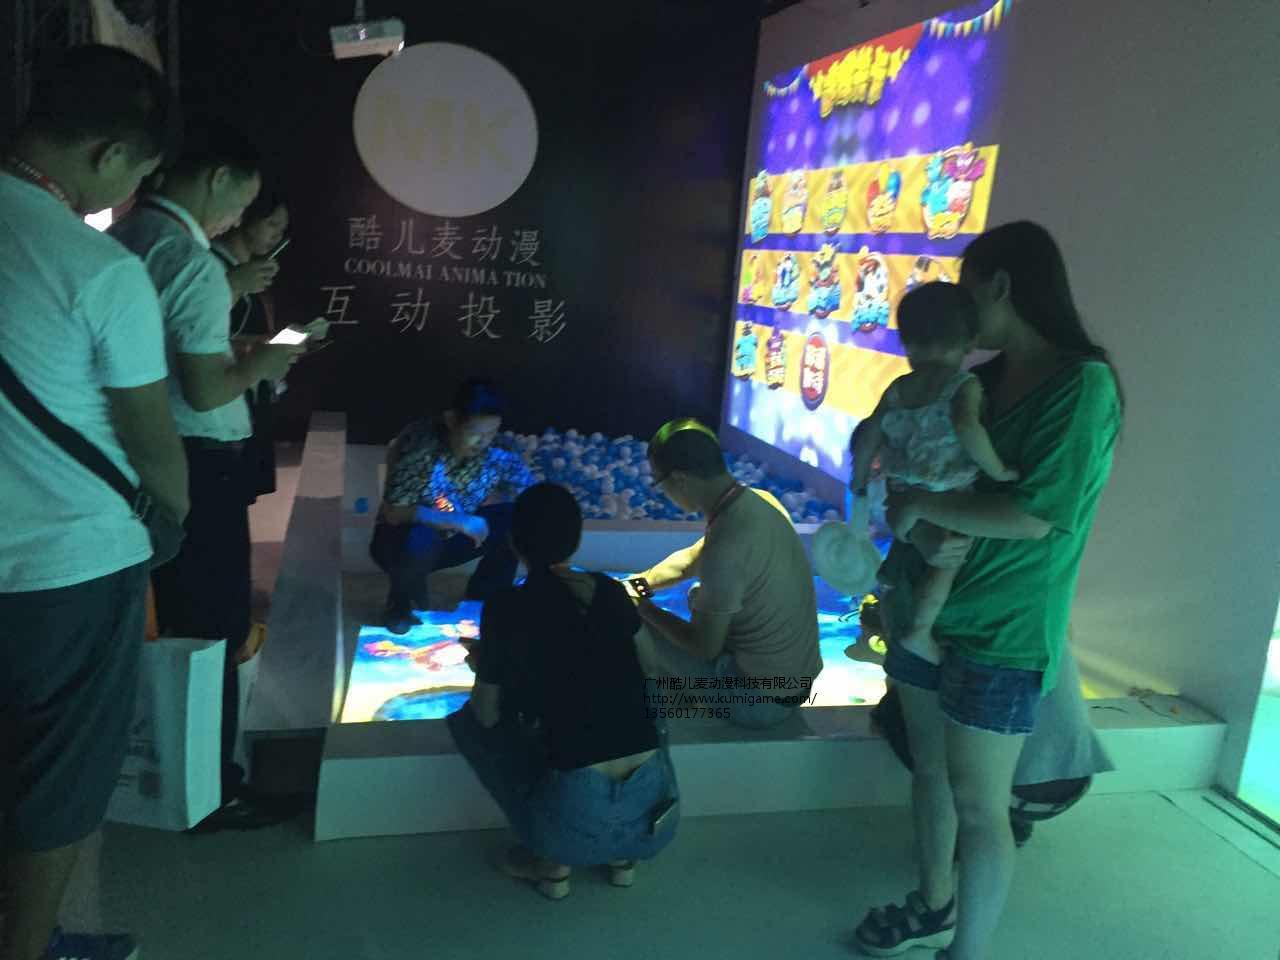 要买质量超好的投影互动沙滩,当选广州酷儿麦动漫科技-魔幻沙滩